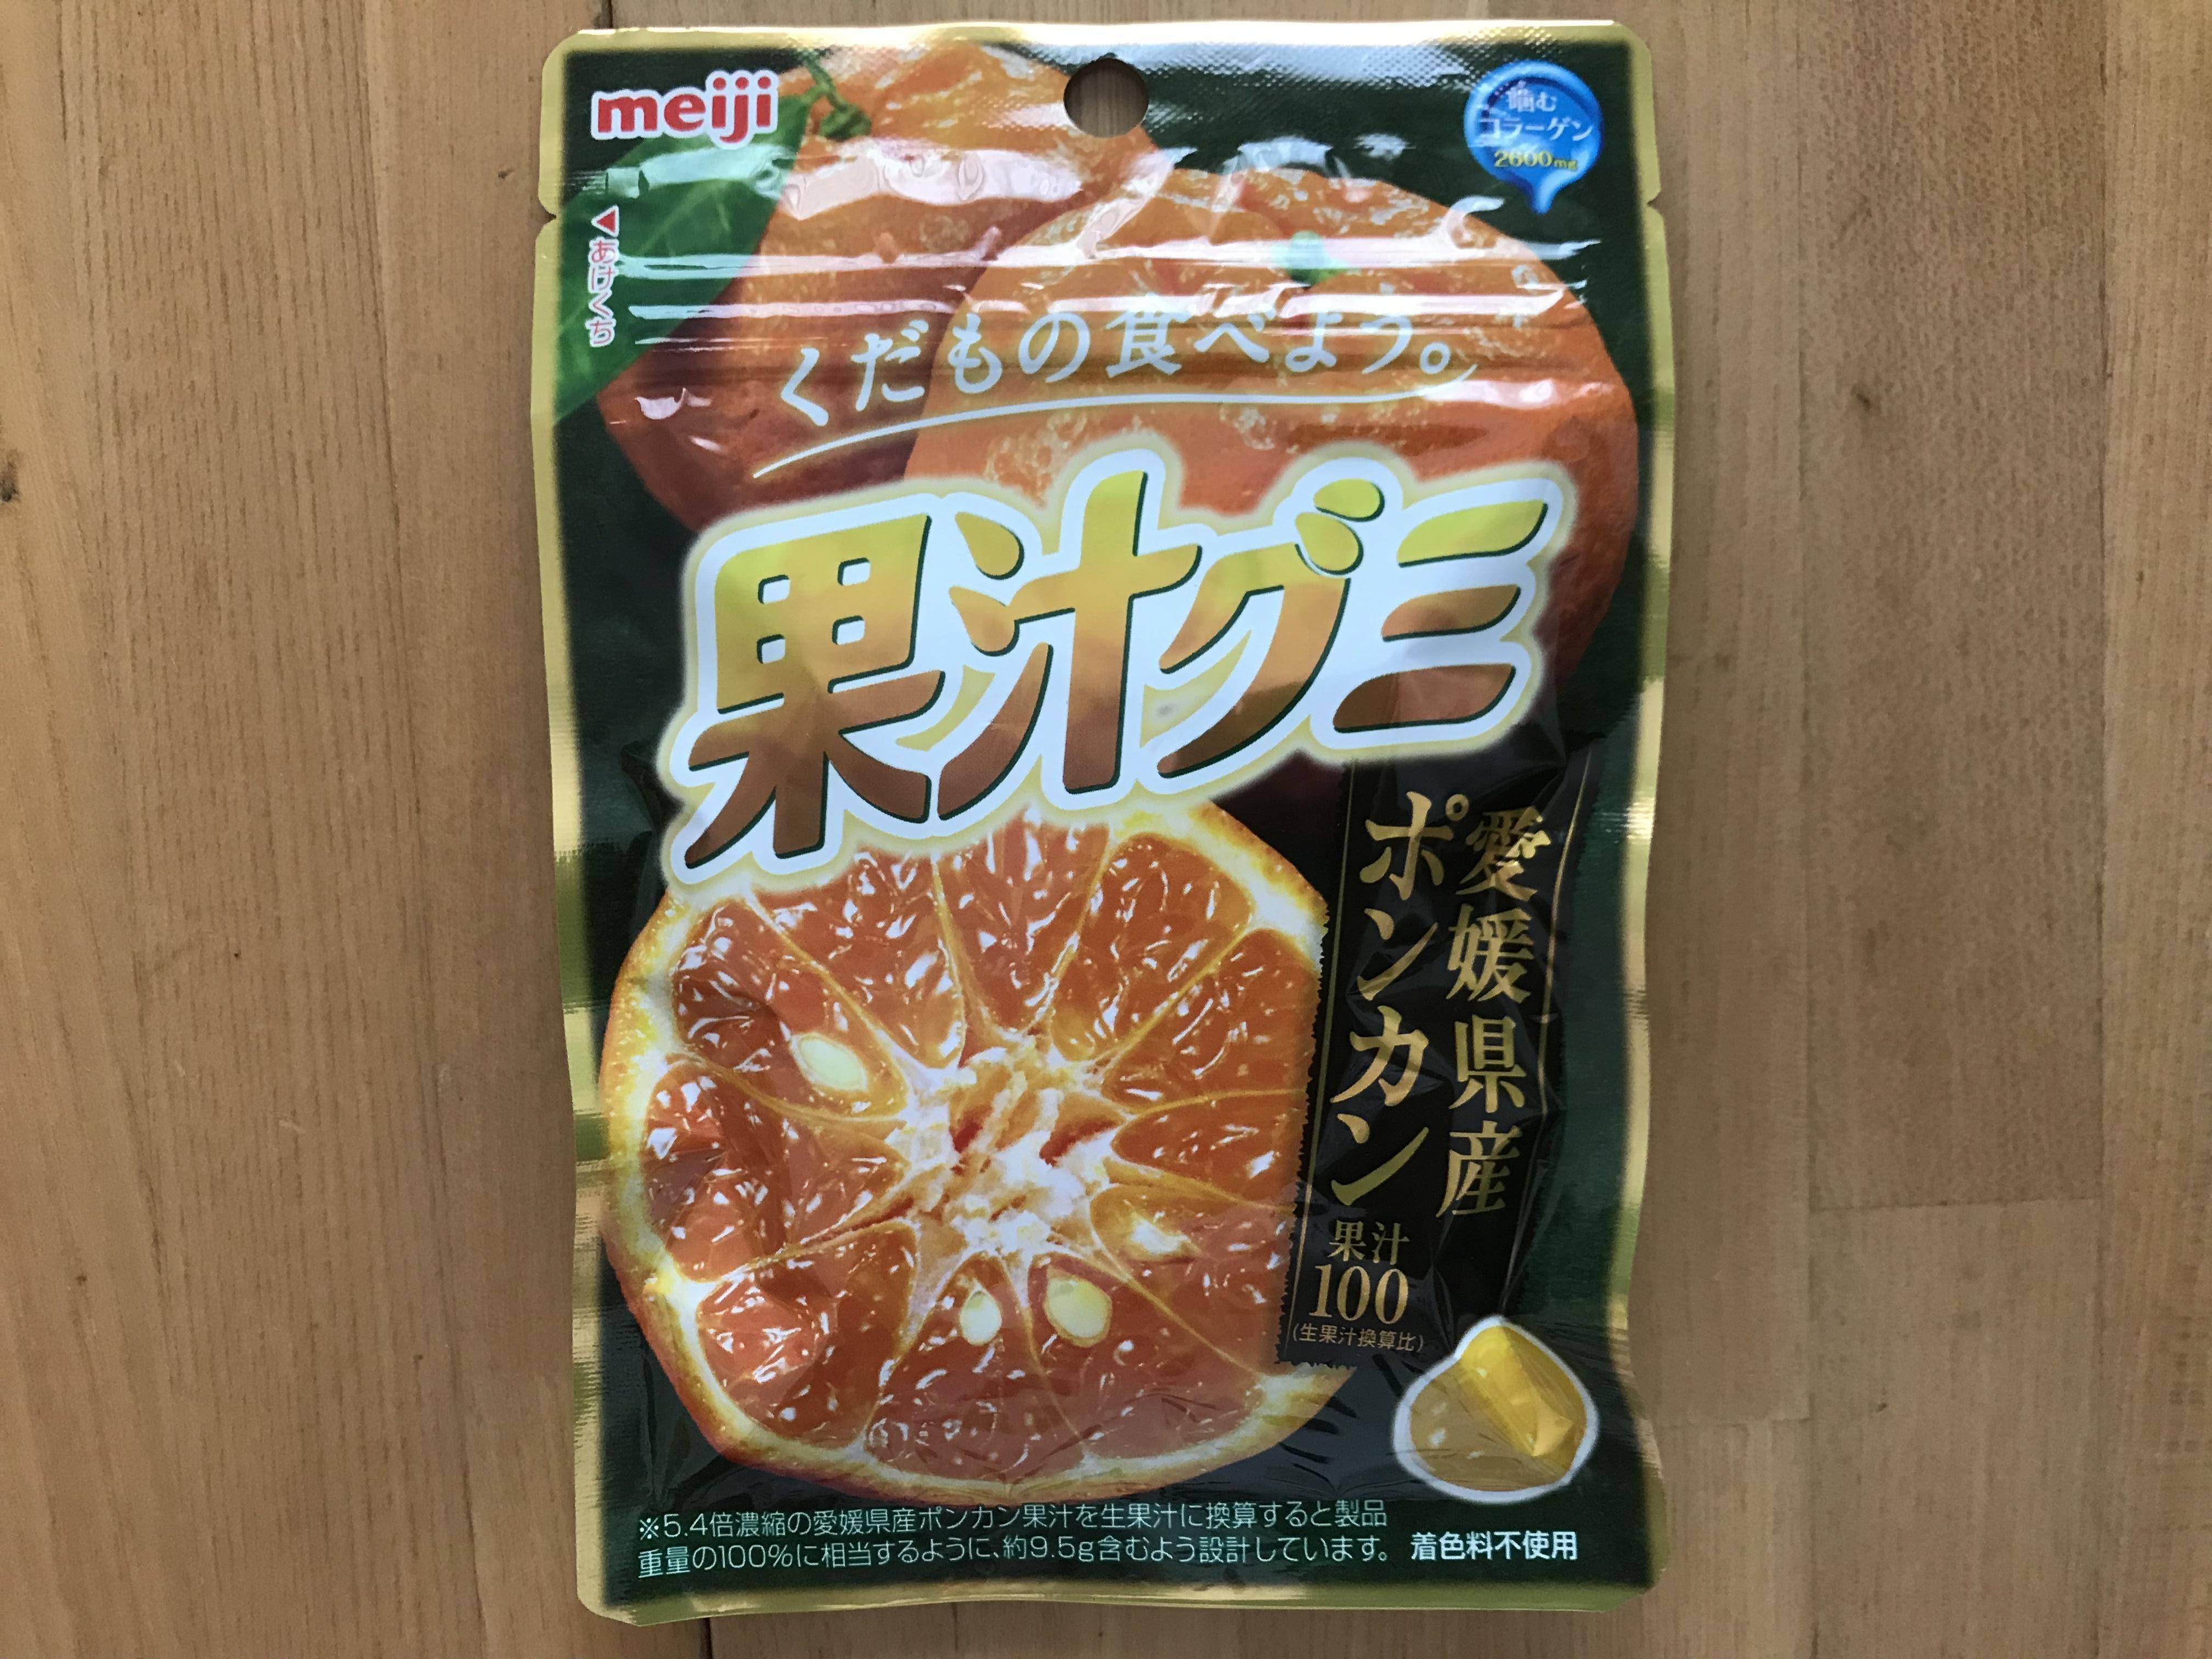 【数量限定品】あの「果汁グミ」から「愛媛県産ポンカン味」が出たので食べてみたよ!